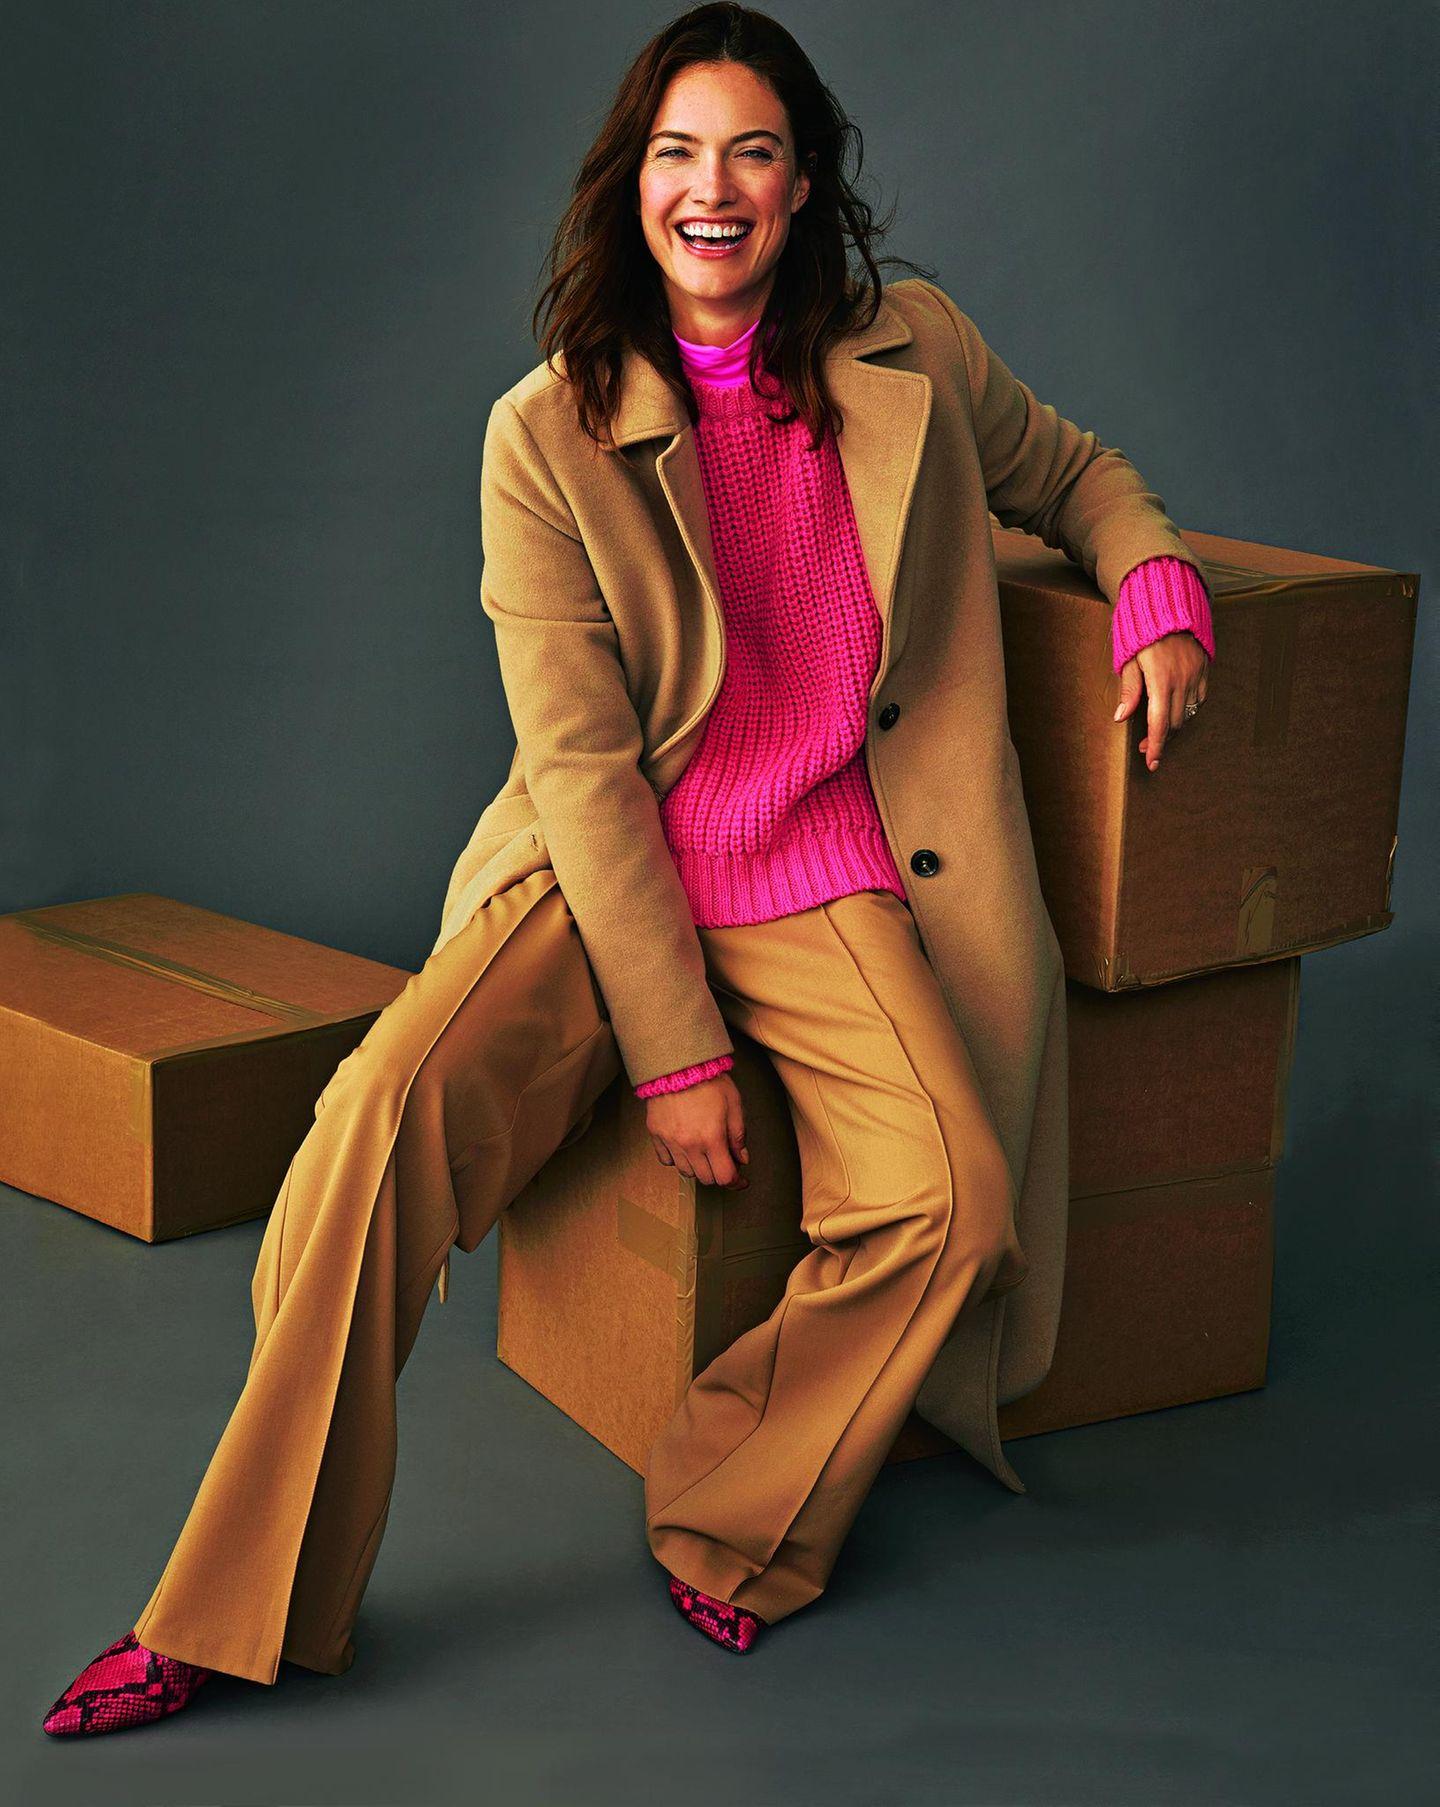 Camel Coat: Diese Modelle tragen wir 2019: Mantel über pinkfarbenen Strickpullover